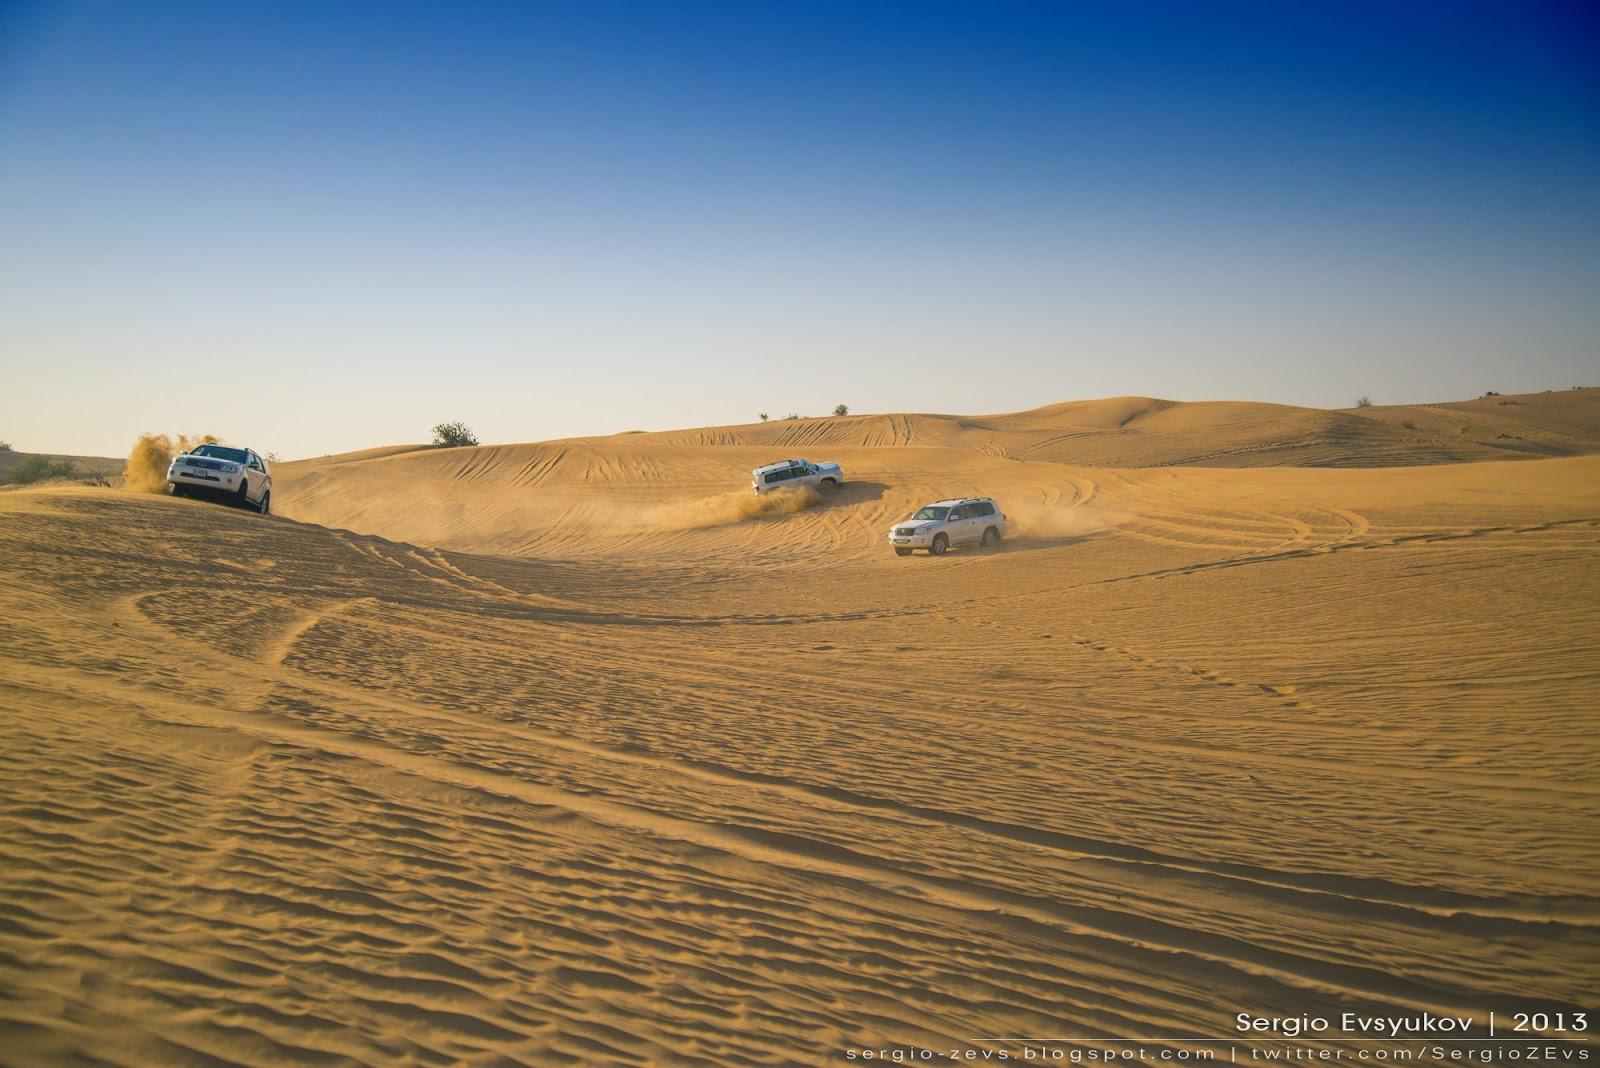 UAE, Safari, Внедорожники, песок, барханы, дюны, отпуск